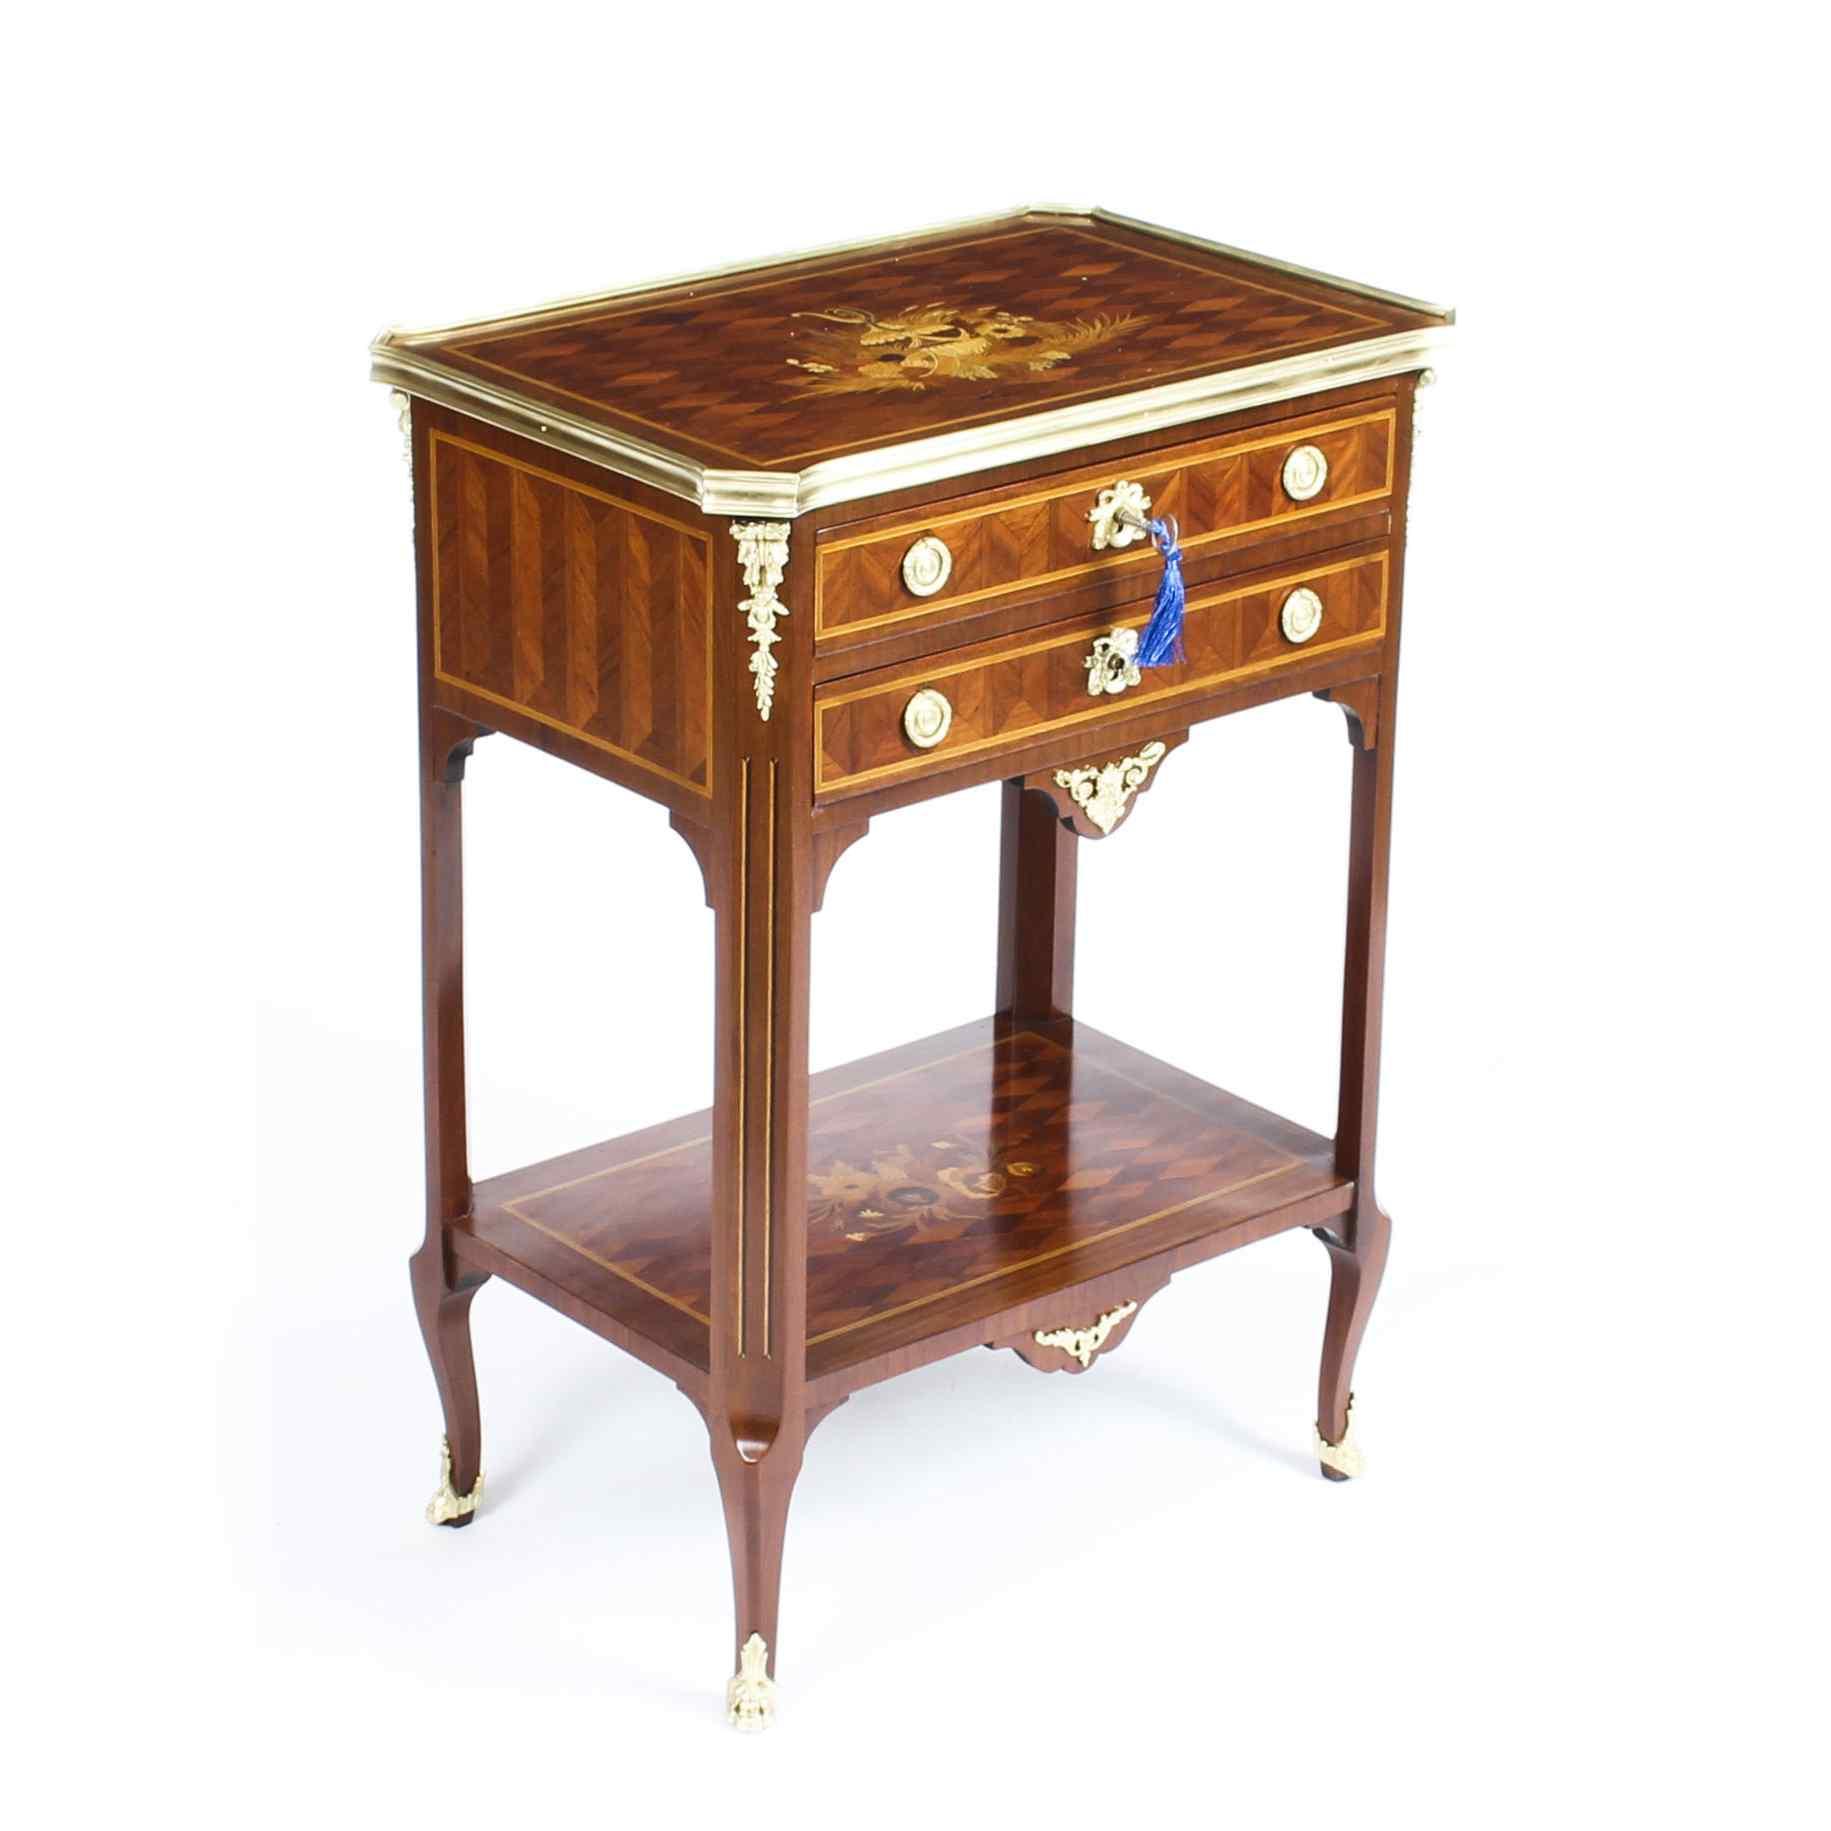 Tavolo da lavoro antico in legno e intarsio francese del XIX